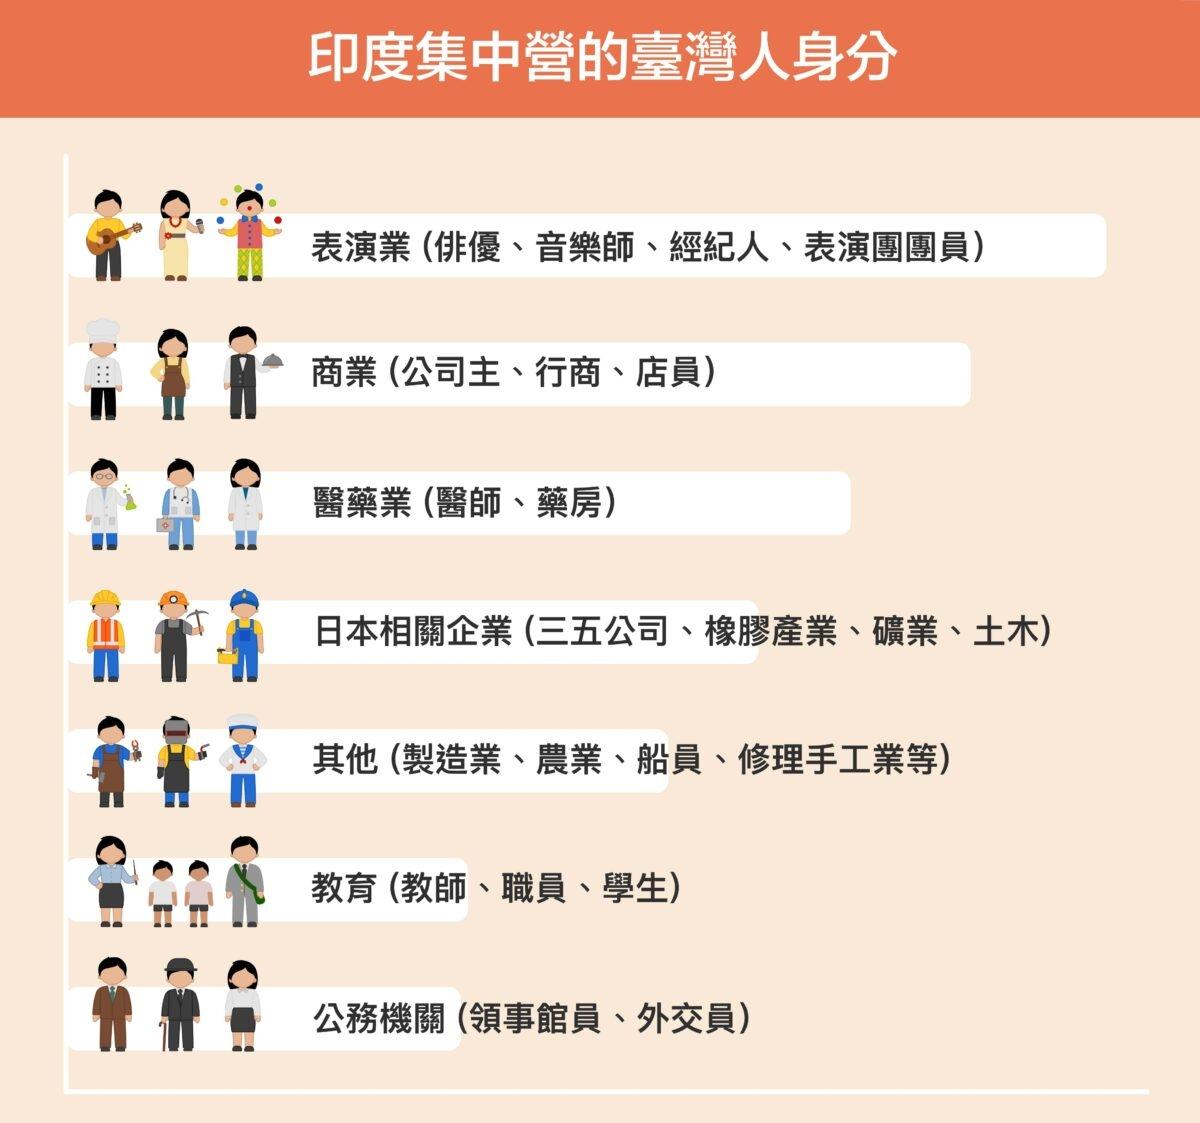 印度集中營裡,目前可知的臺灣人職業多數是演藝人員,也有不少行商、小老闆,另外還有部分醫師、藥商以及日本企業中的工頭領班。 圖│研之有物、iStock(資料來源│鍾淑敏)